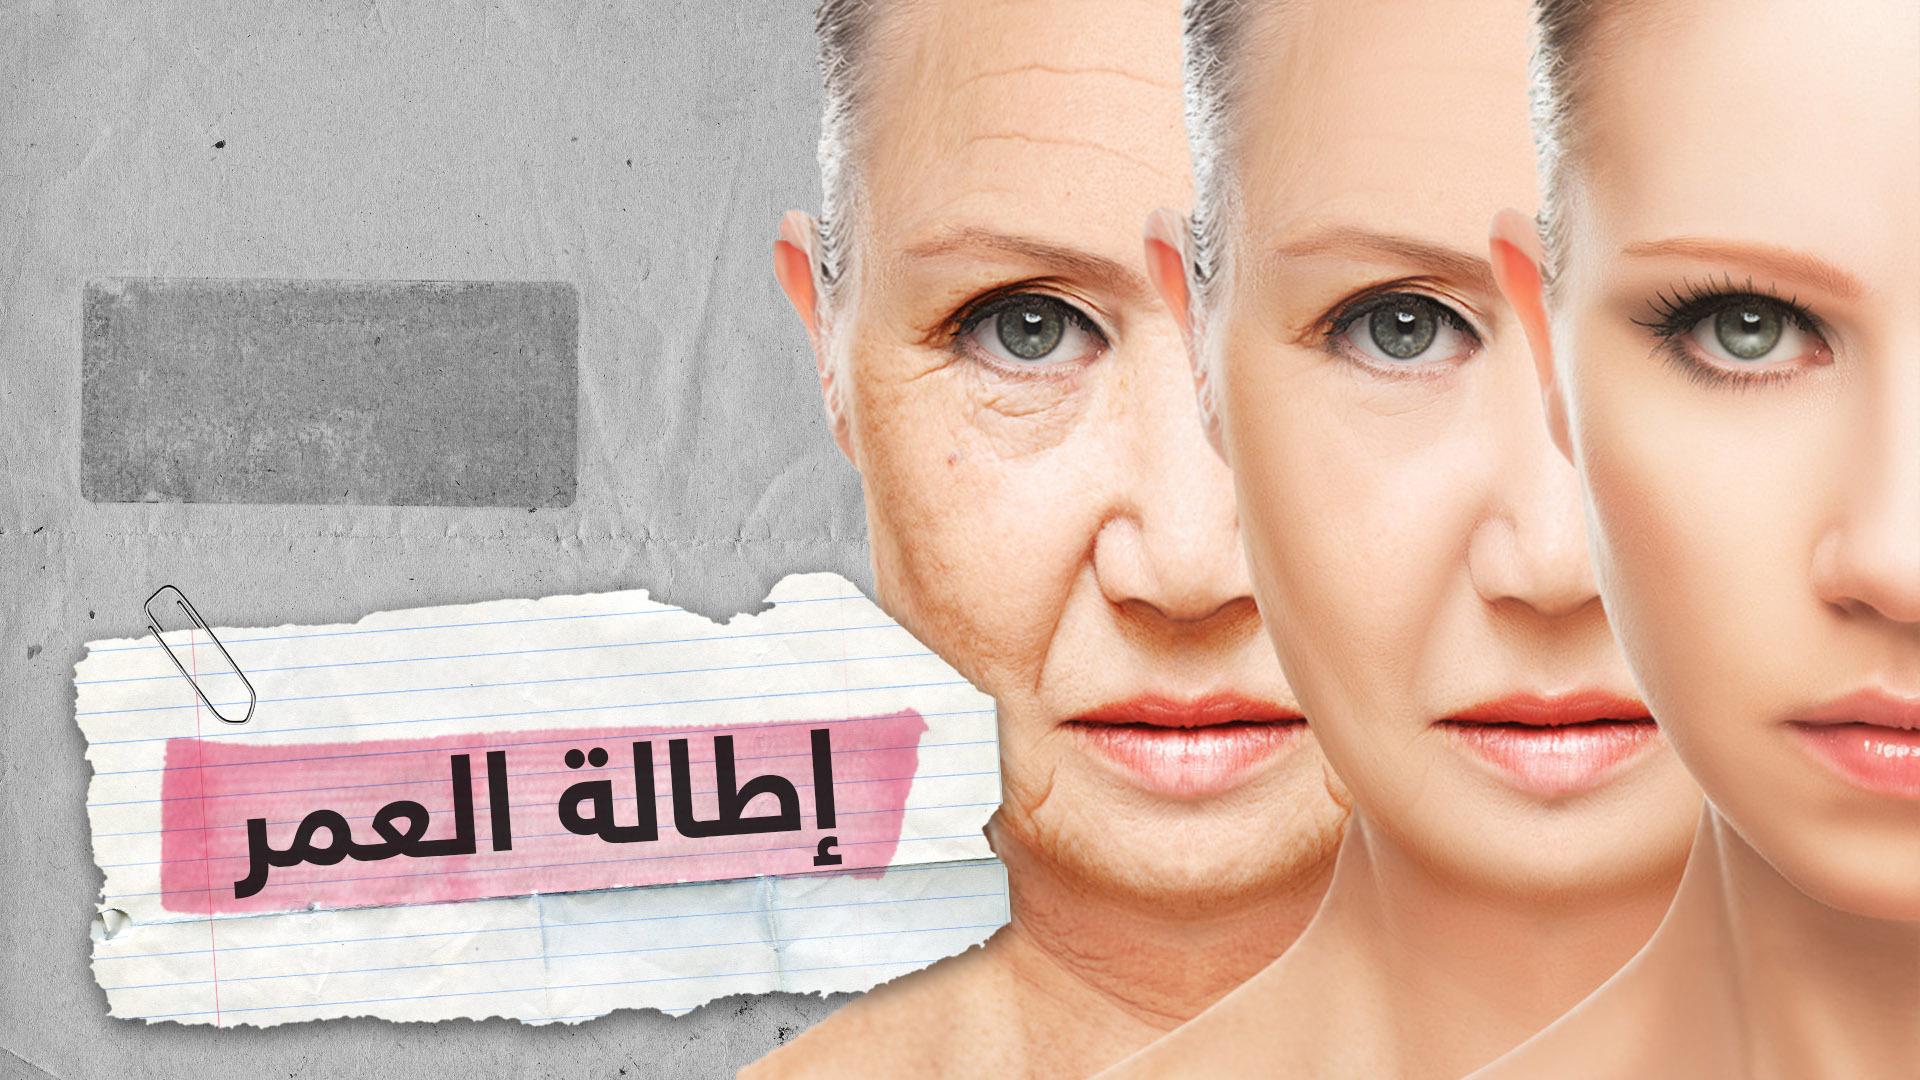 عالمة إماراتية: برمجت خلايا جسدي لإطالة عمري